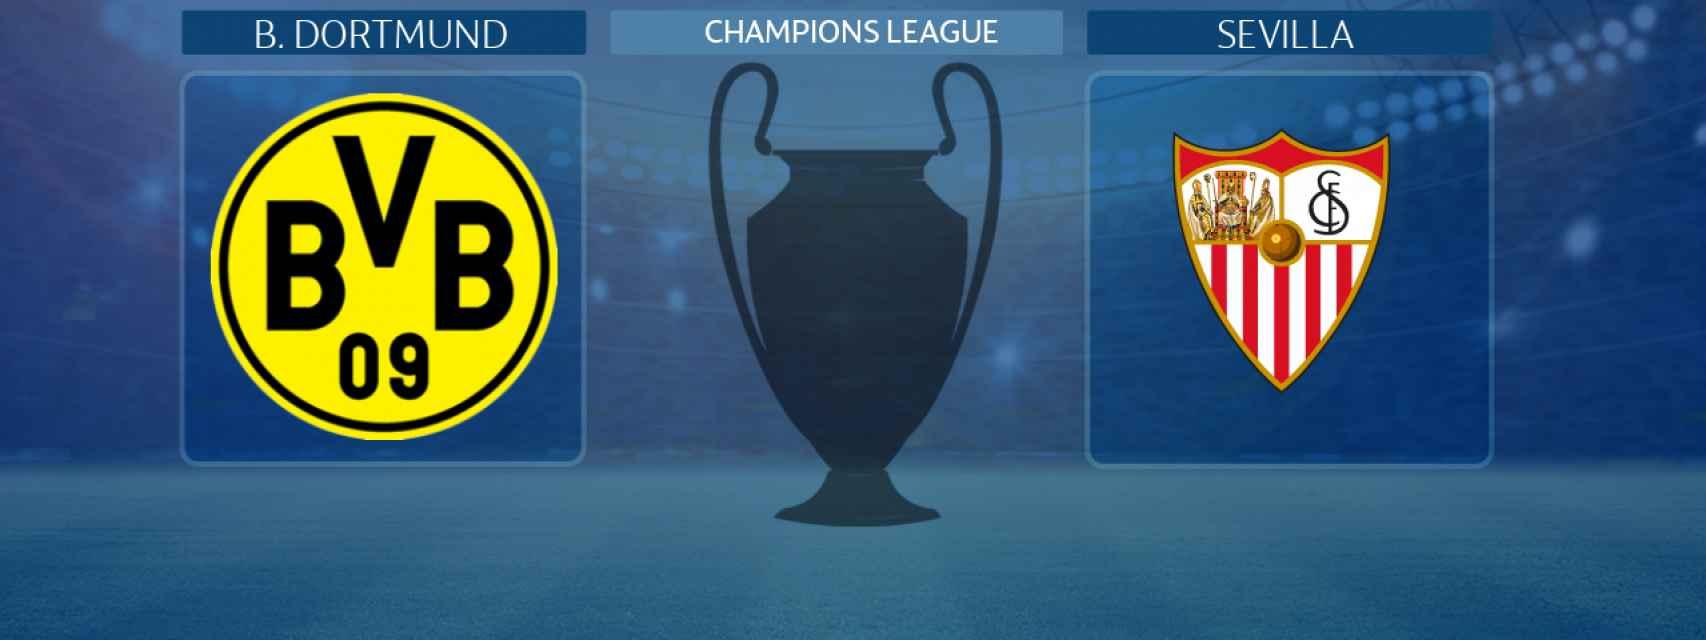 Borussia Dortmund - Sevilla:, partido de la Champions League